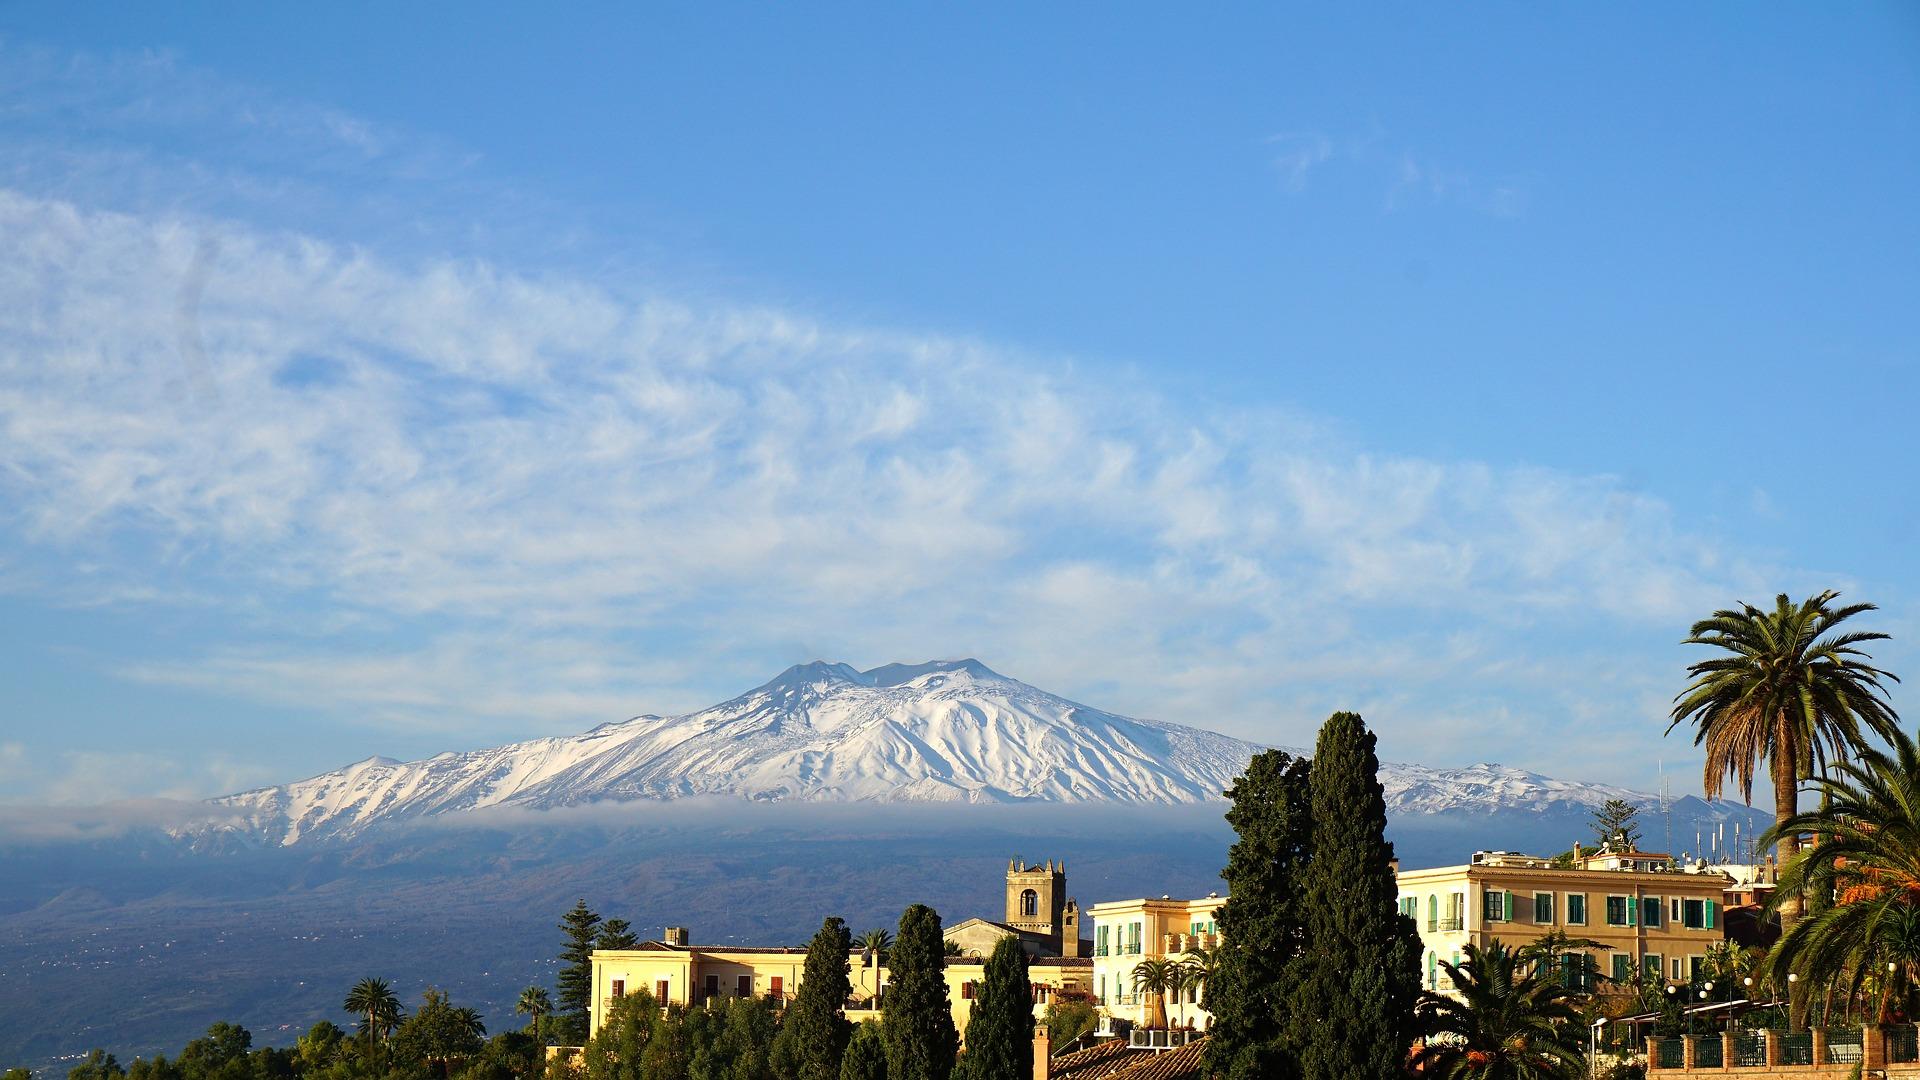 Etna, Sicilia, sopka Etna